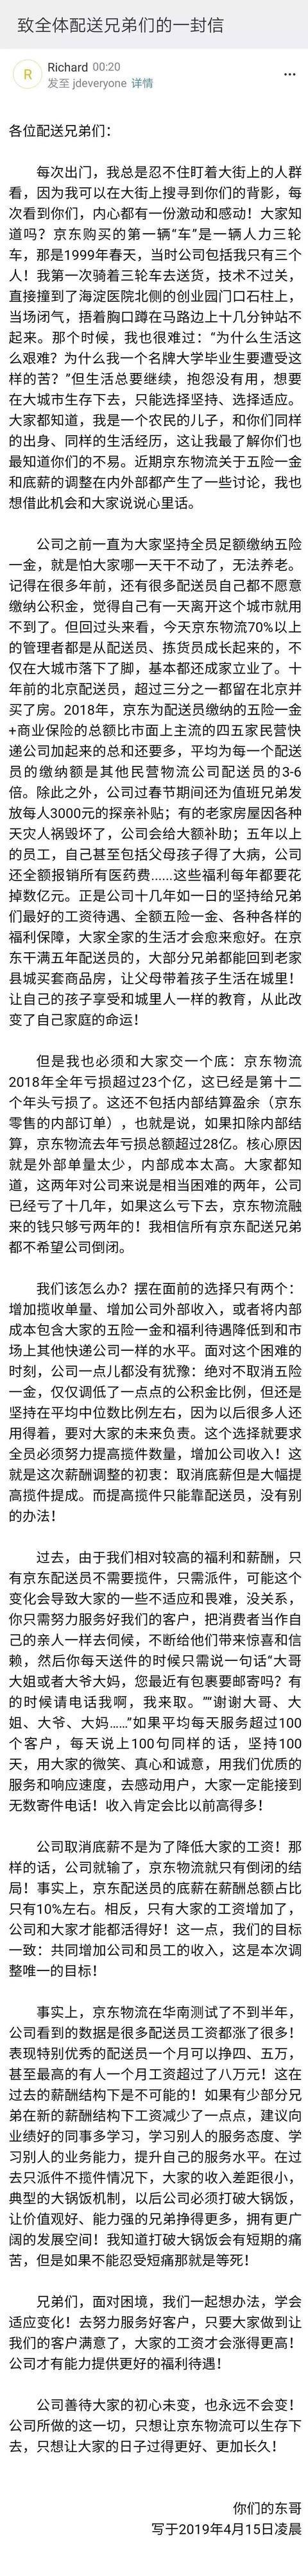 刘强东内部信内容是什么原文内容一览 刘强东内部信真的假的